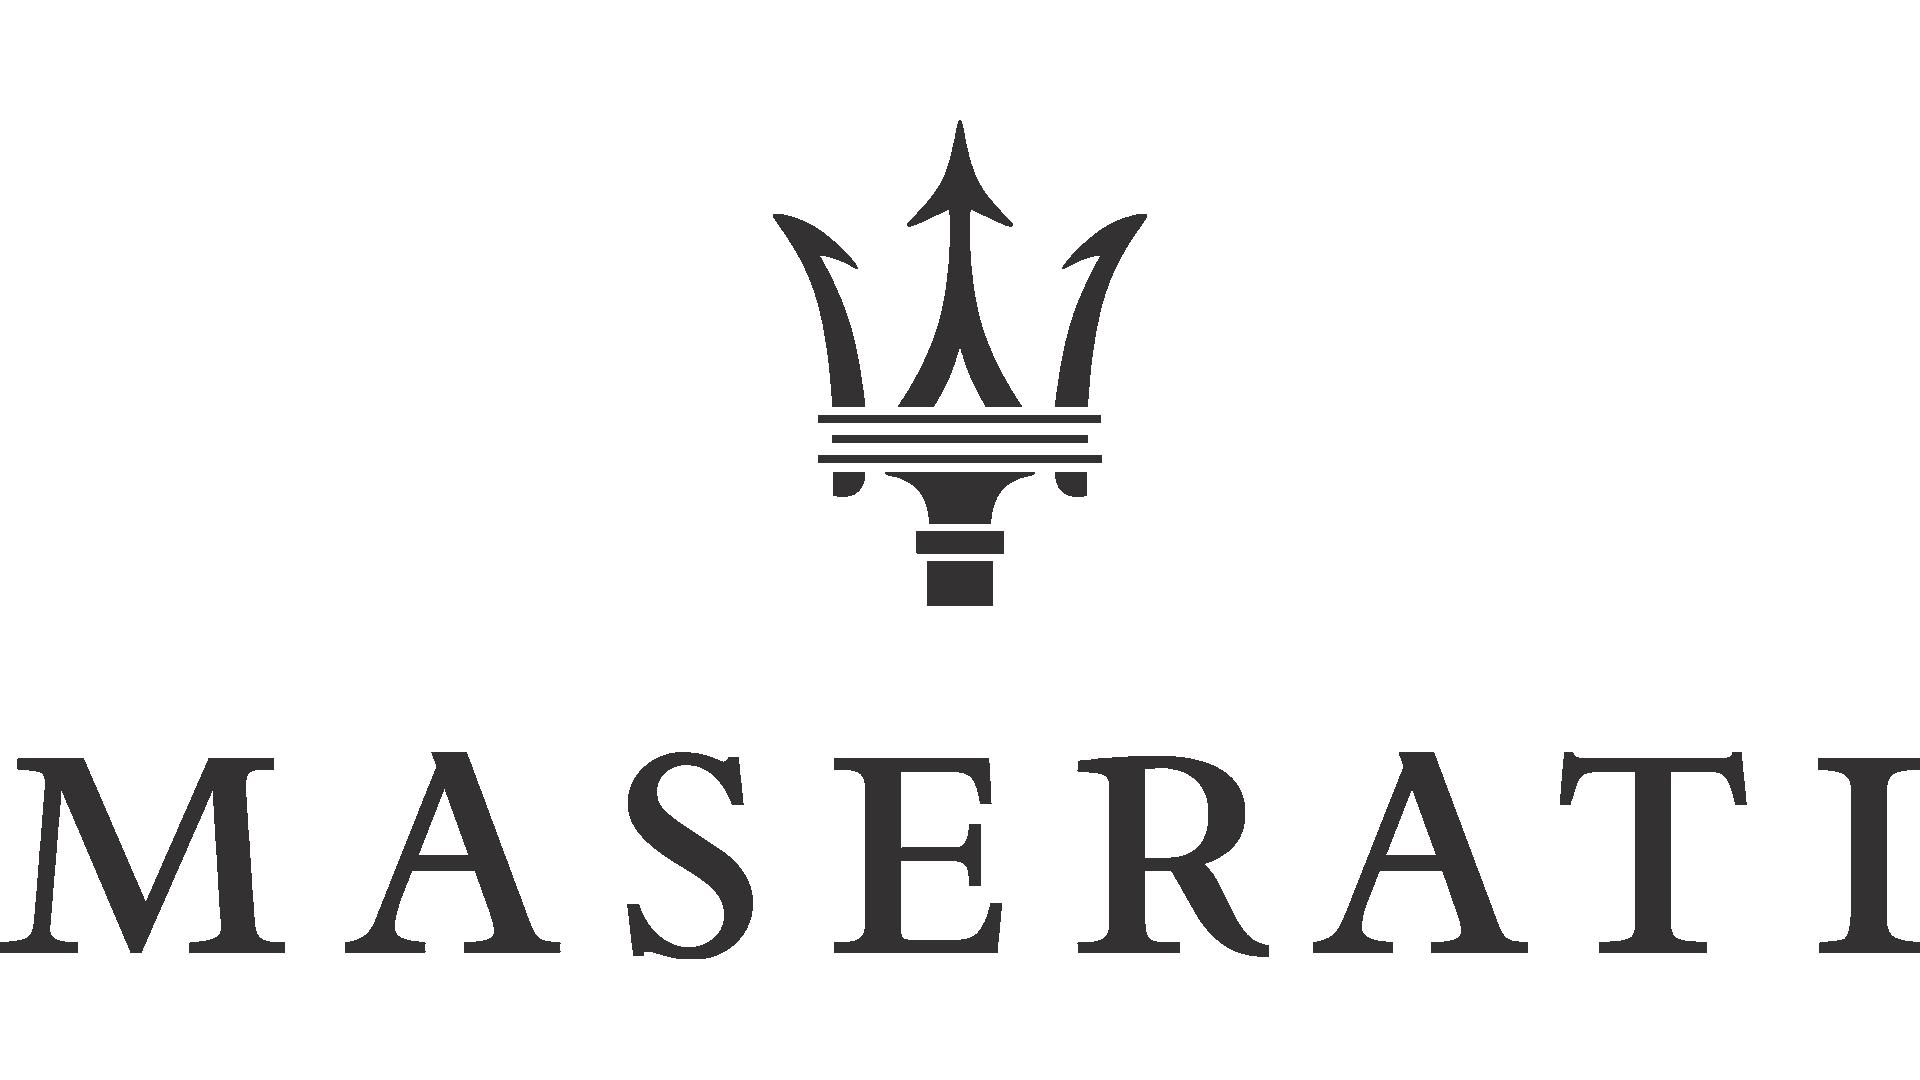 maserati logo ile ilgili görsel sonucu